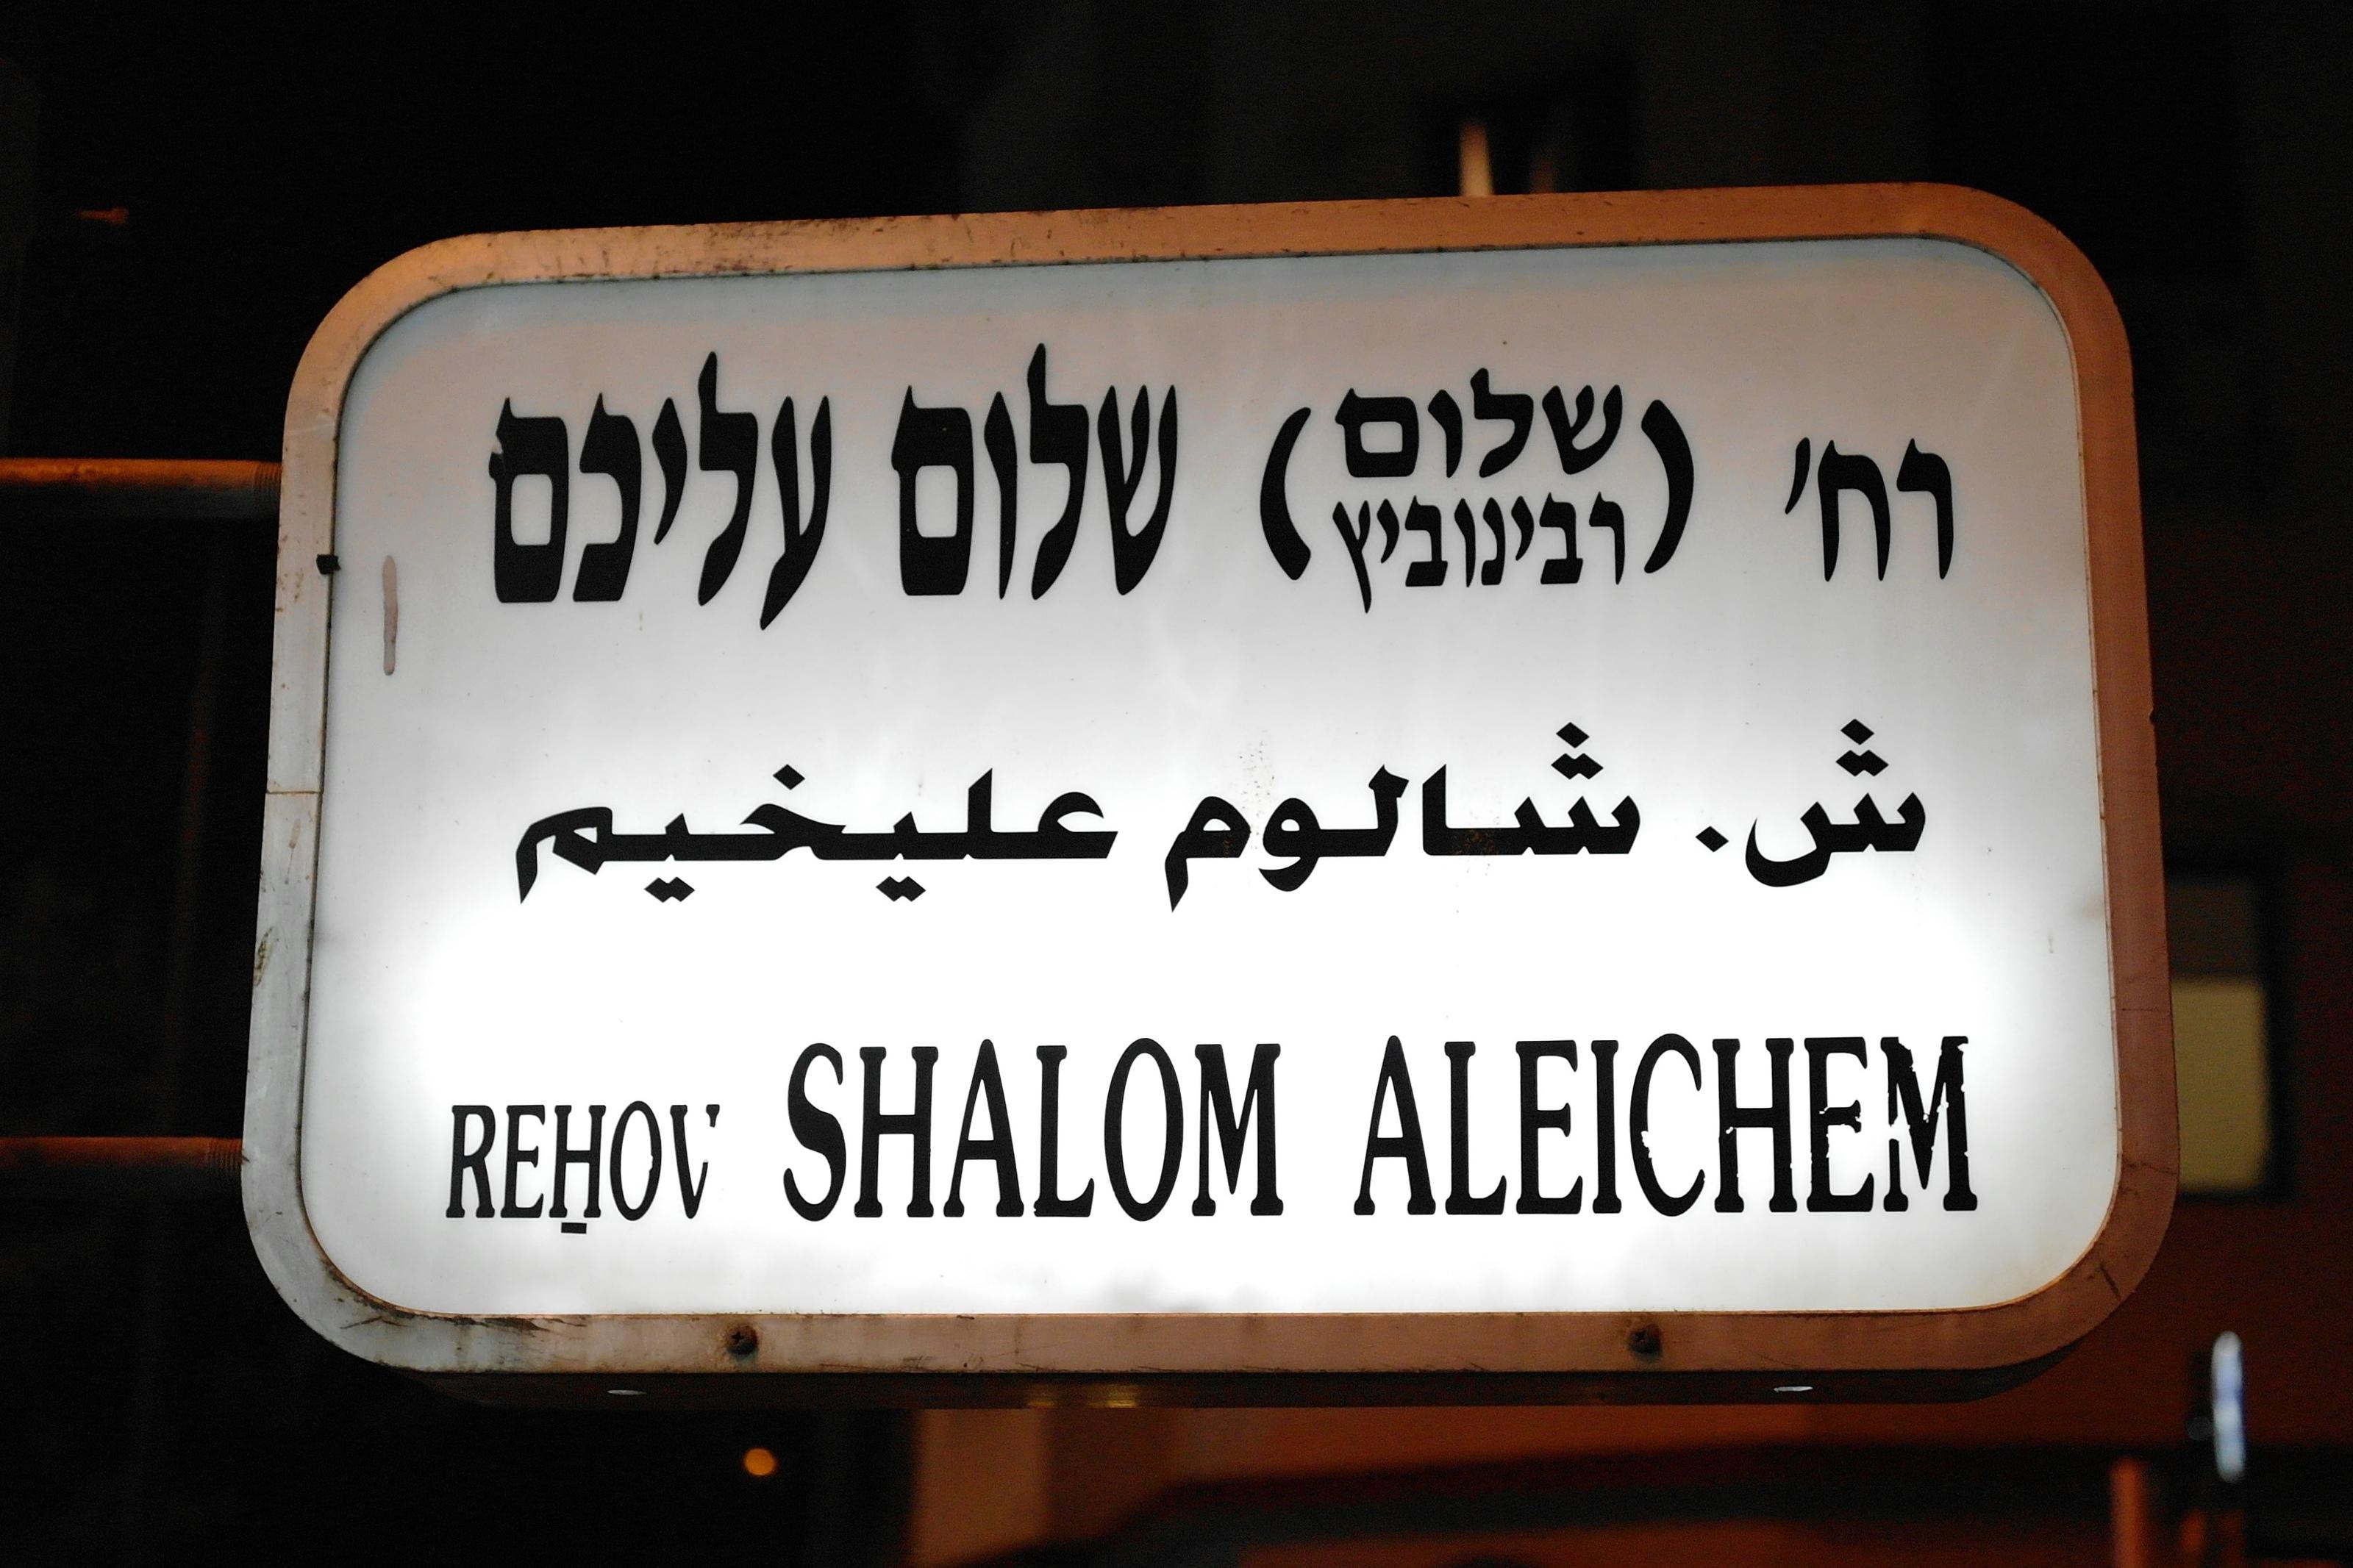 Shalom Aleichem street sign, Night, Sign, Street, White, HQ Photo